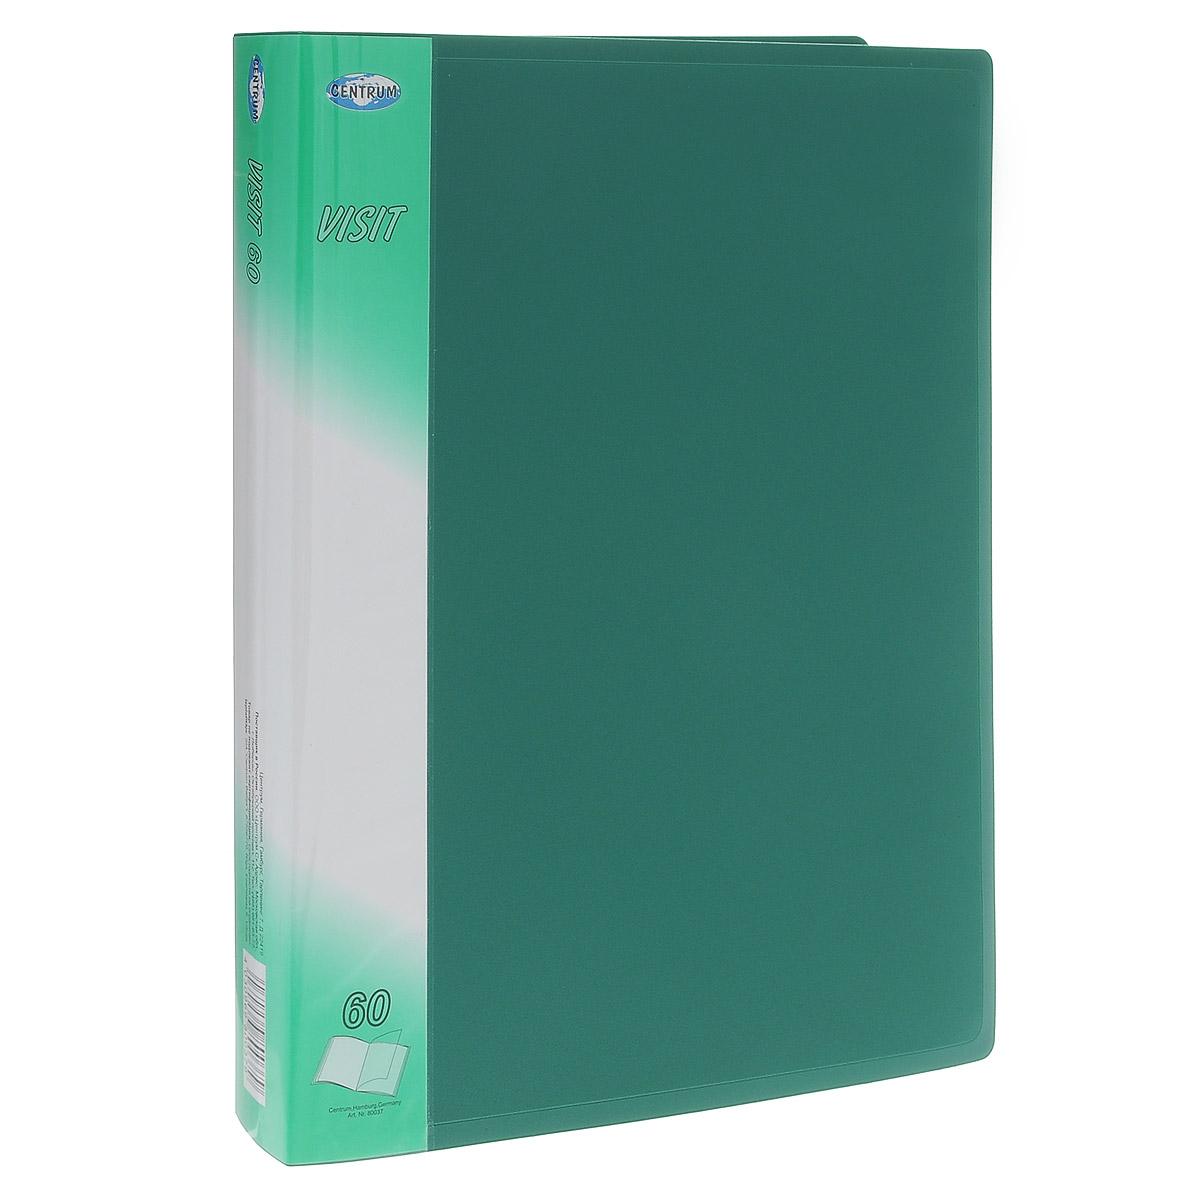 Папка с файлами Centrum Visit, 60 листов, цвет: зеленый. 80037 папки канцелярские centrum папка регистр а4 5 см фиолетовая